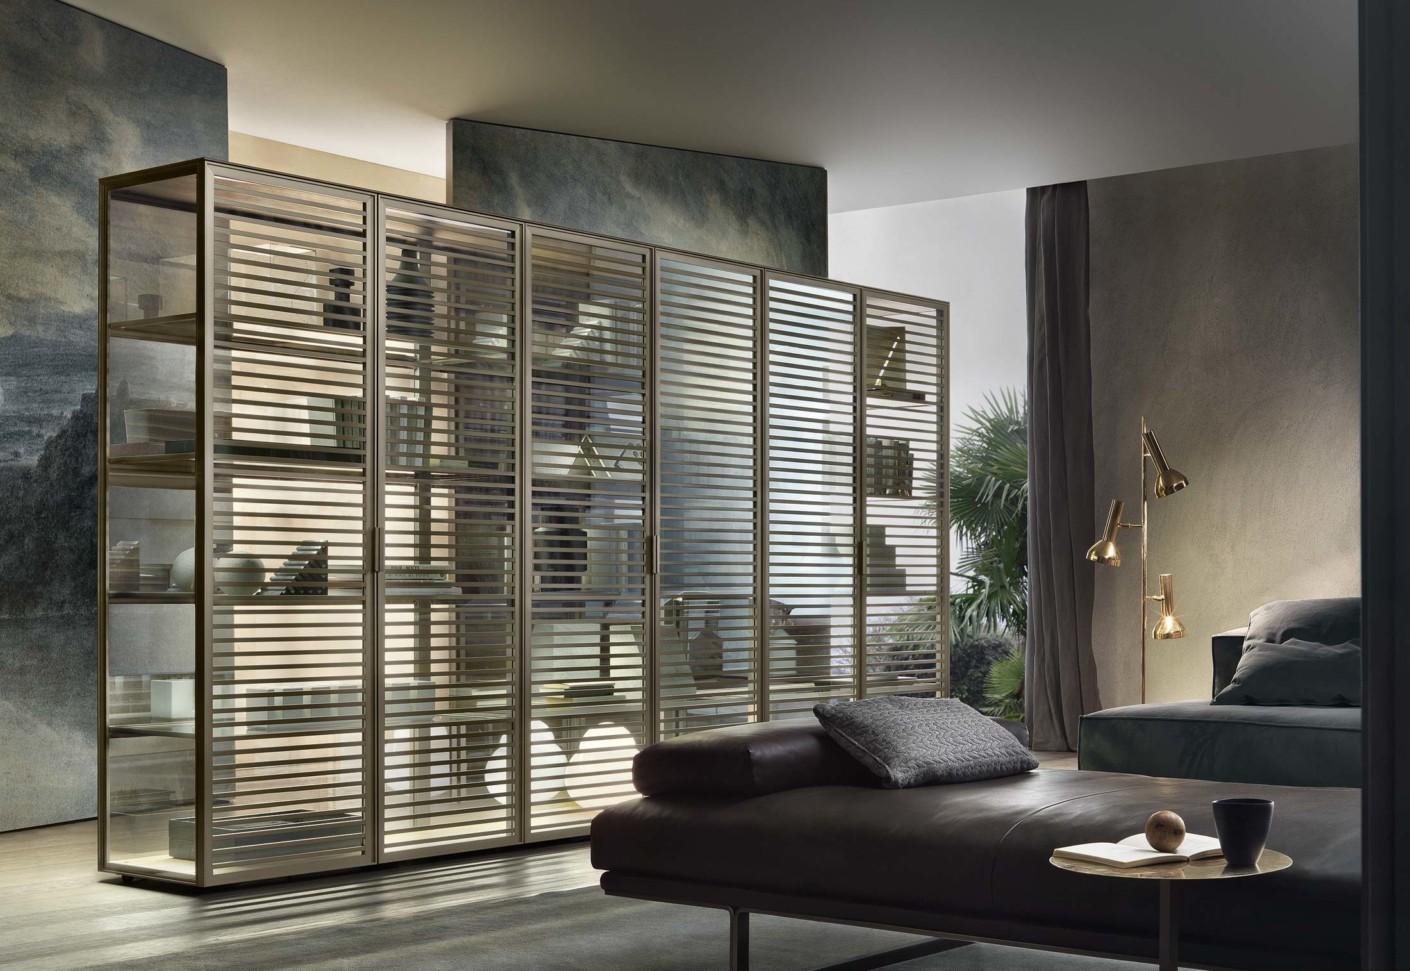 Alambra Cupboard By Rimadesio